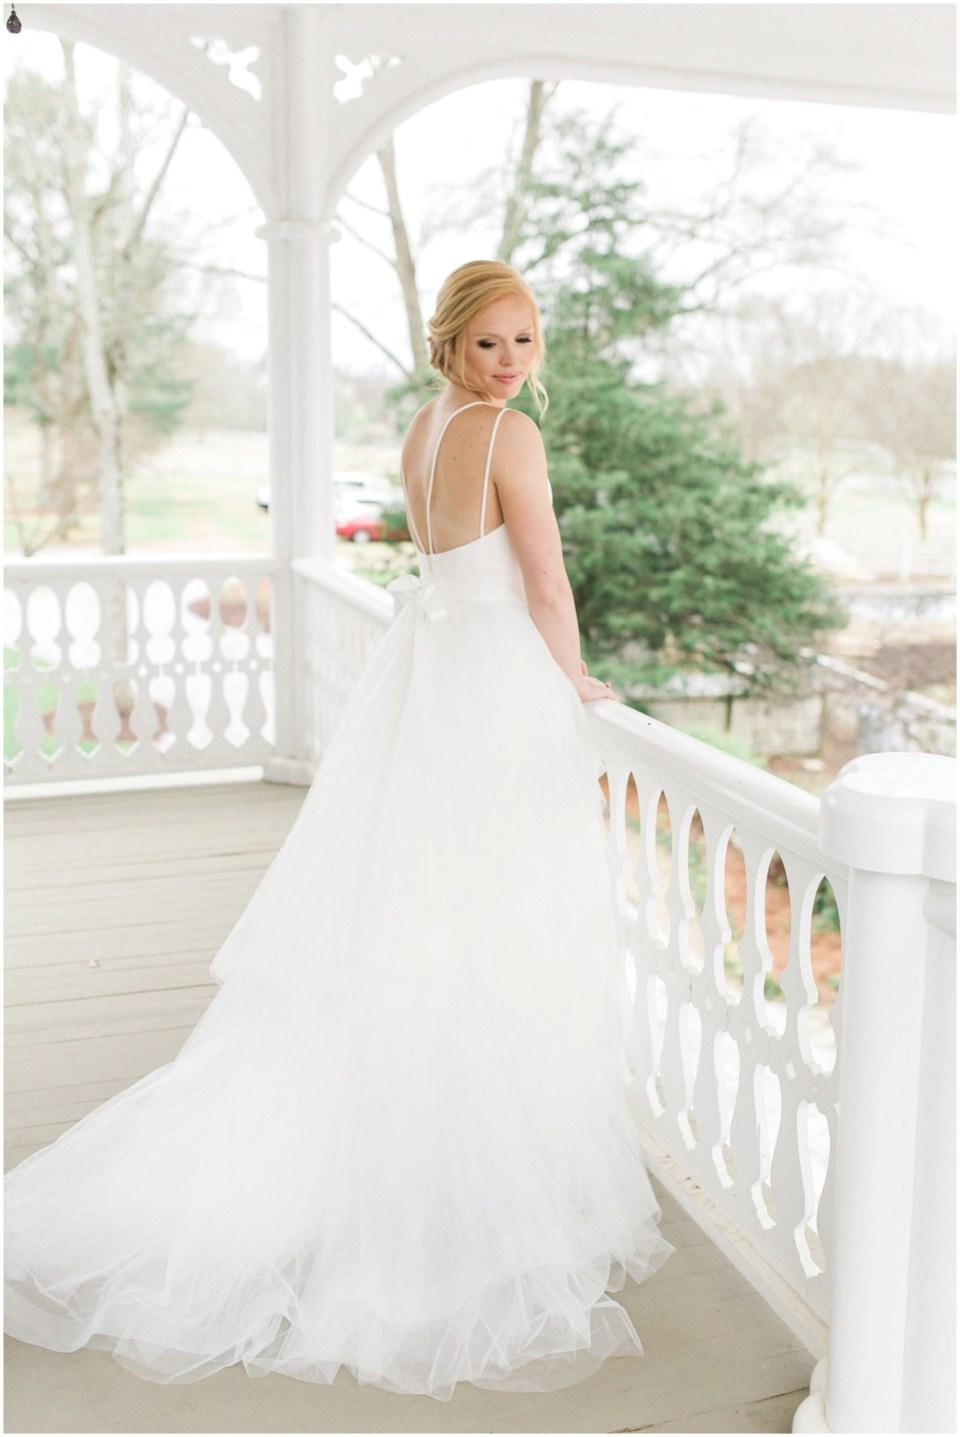 Cloverleaf Farm Wedding Photographer